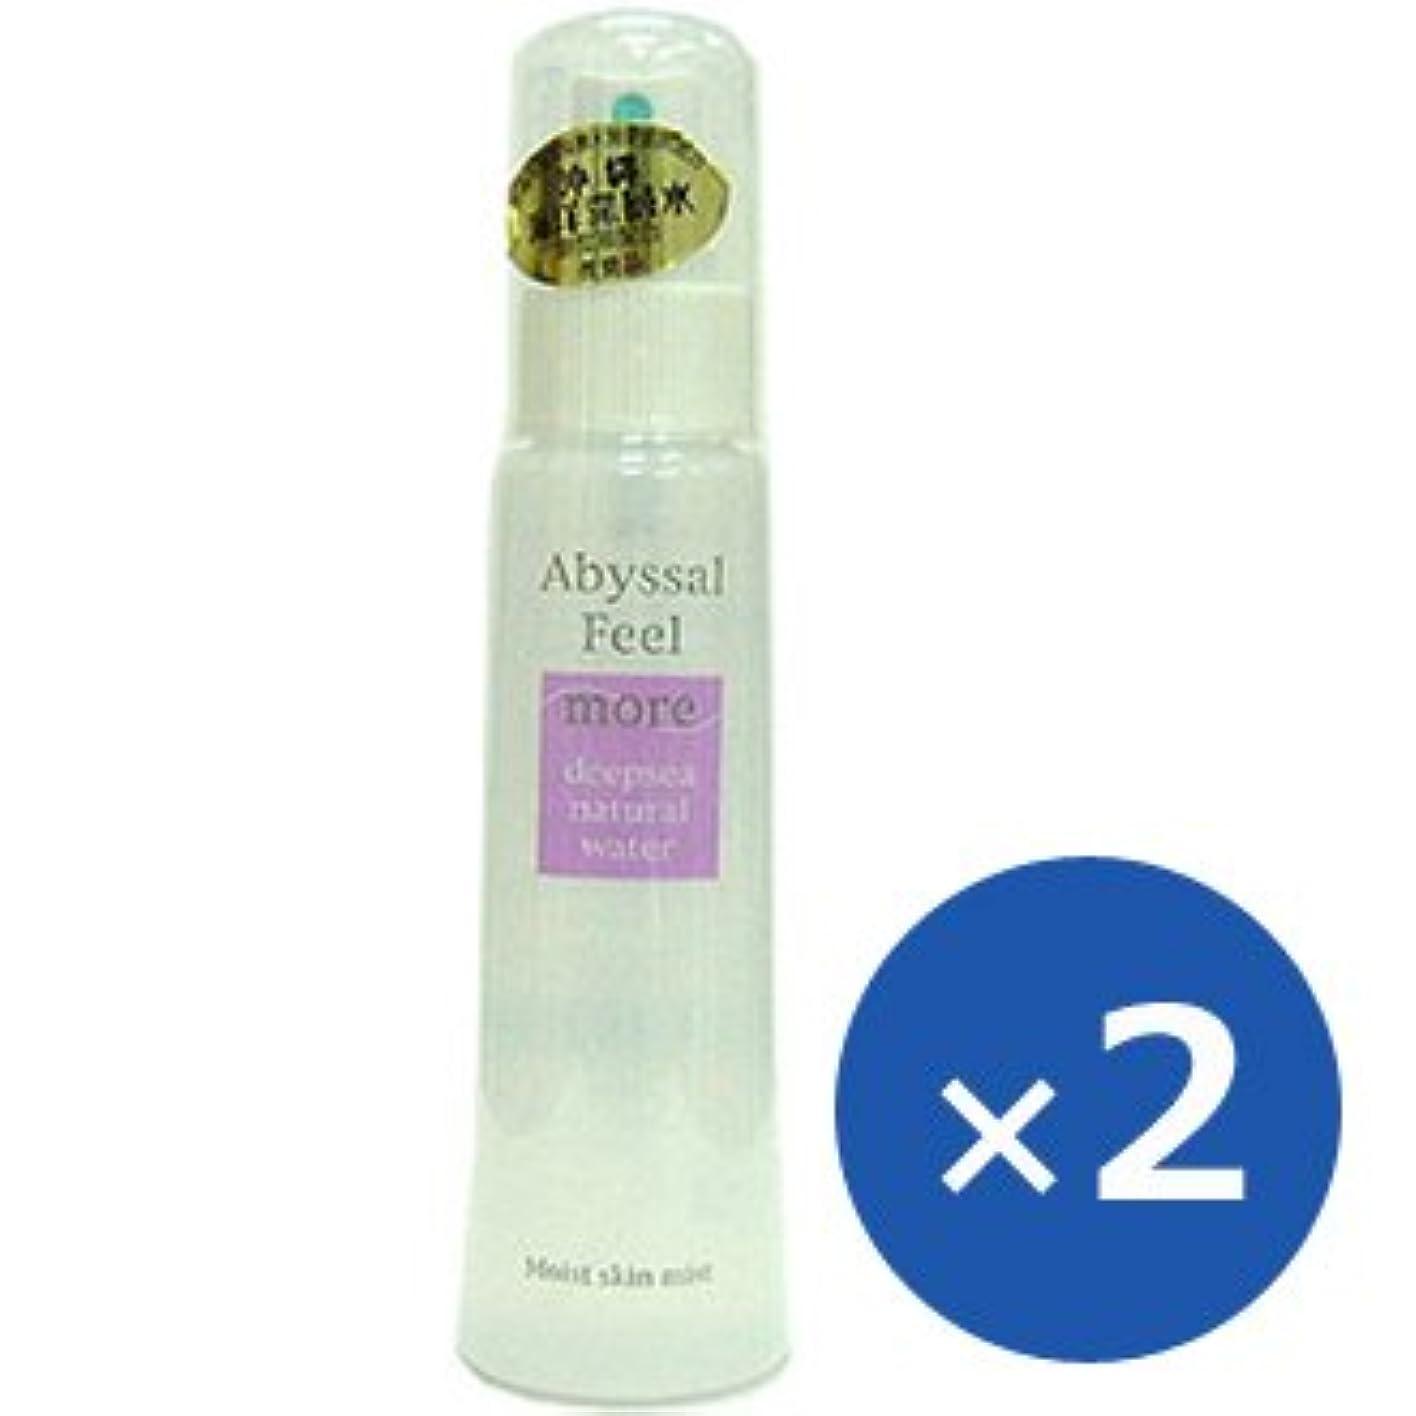 添加剤好奇心盛意志アビサルフィール モア 化粧水 100ml×2本